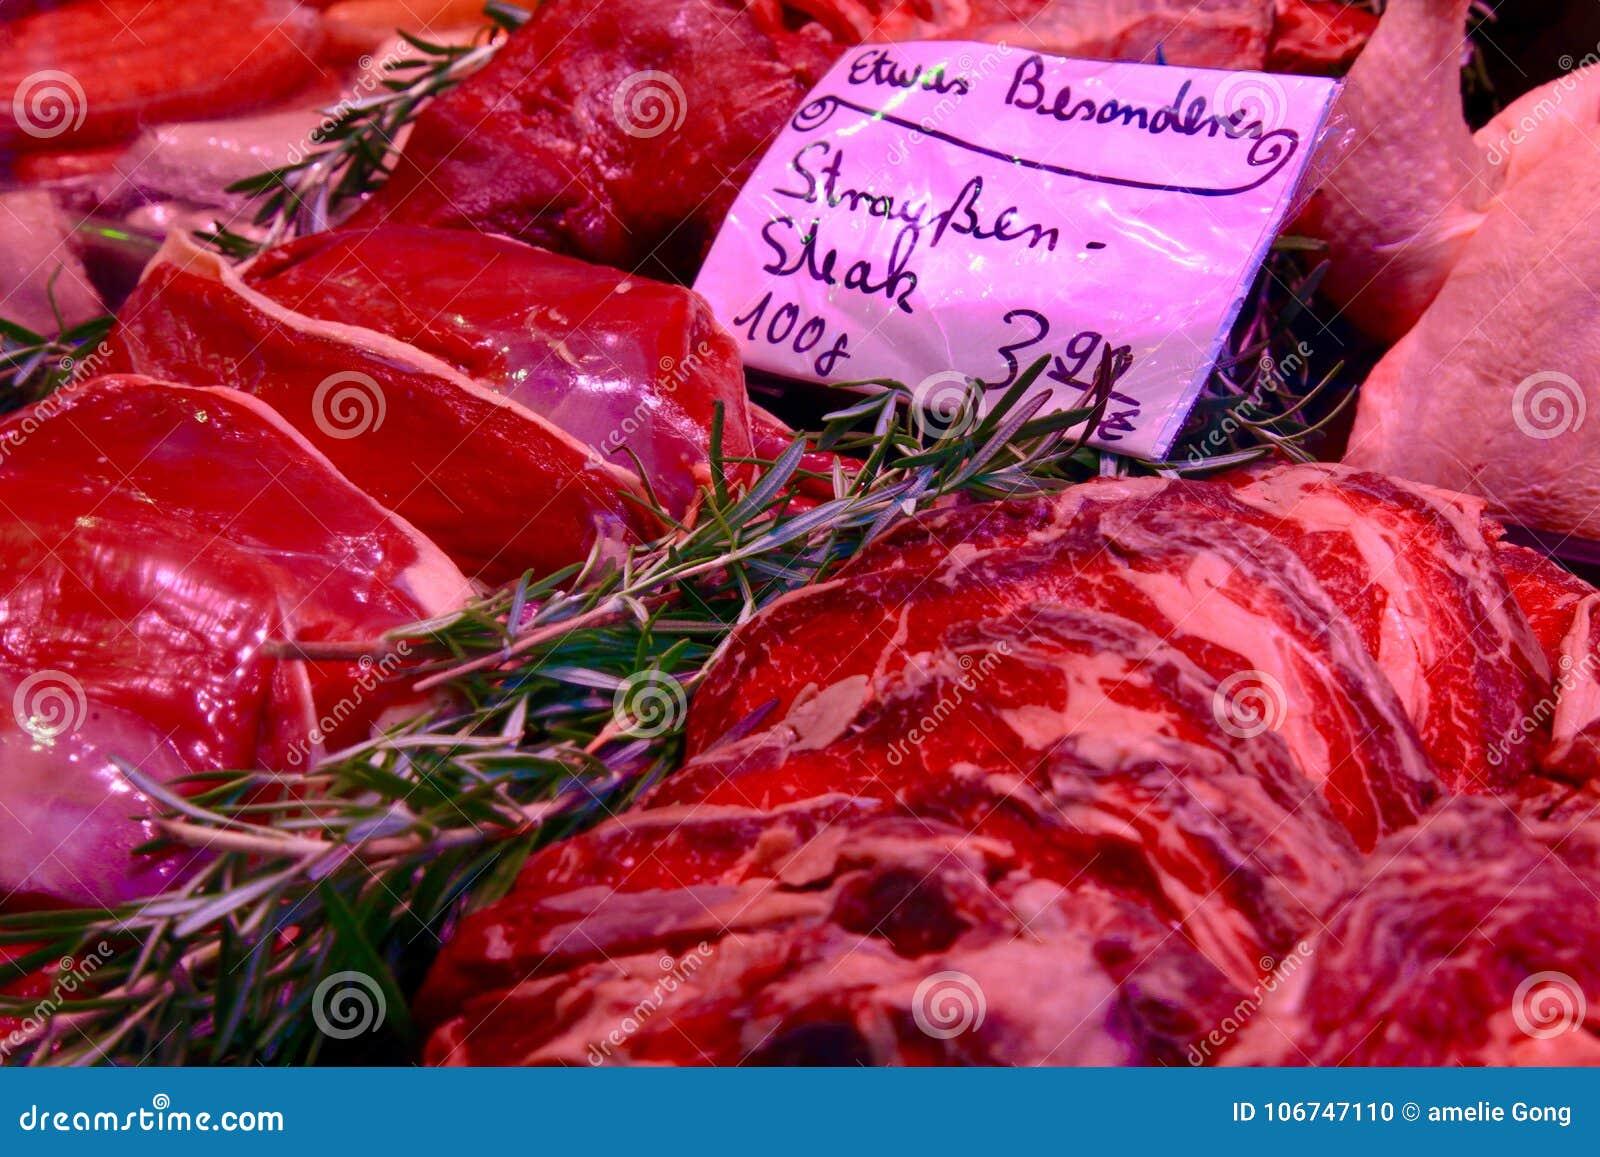 Carne di maiale rossa luminosa che vende sul mercato